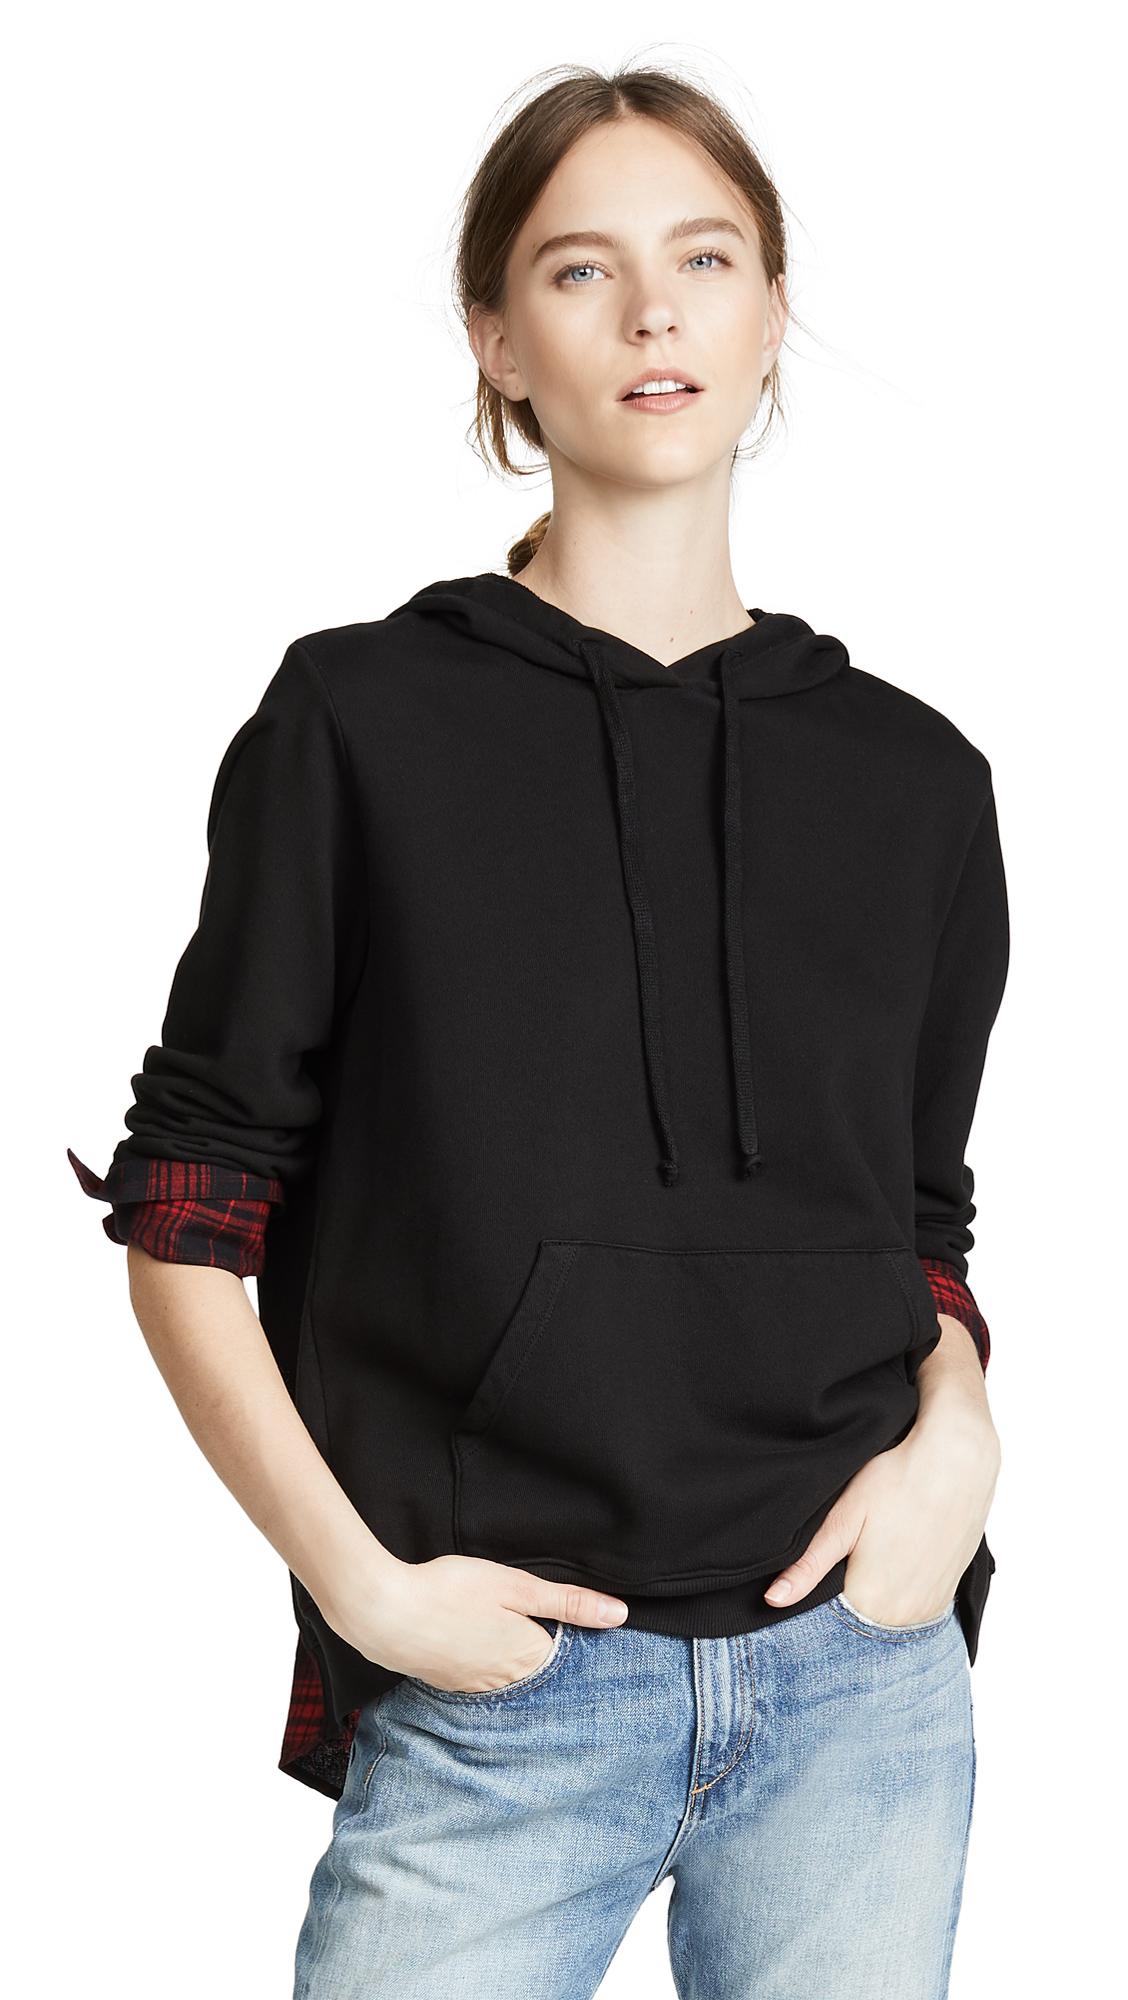 Clu Hooded Sweatshirt In Black